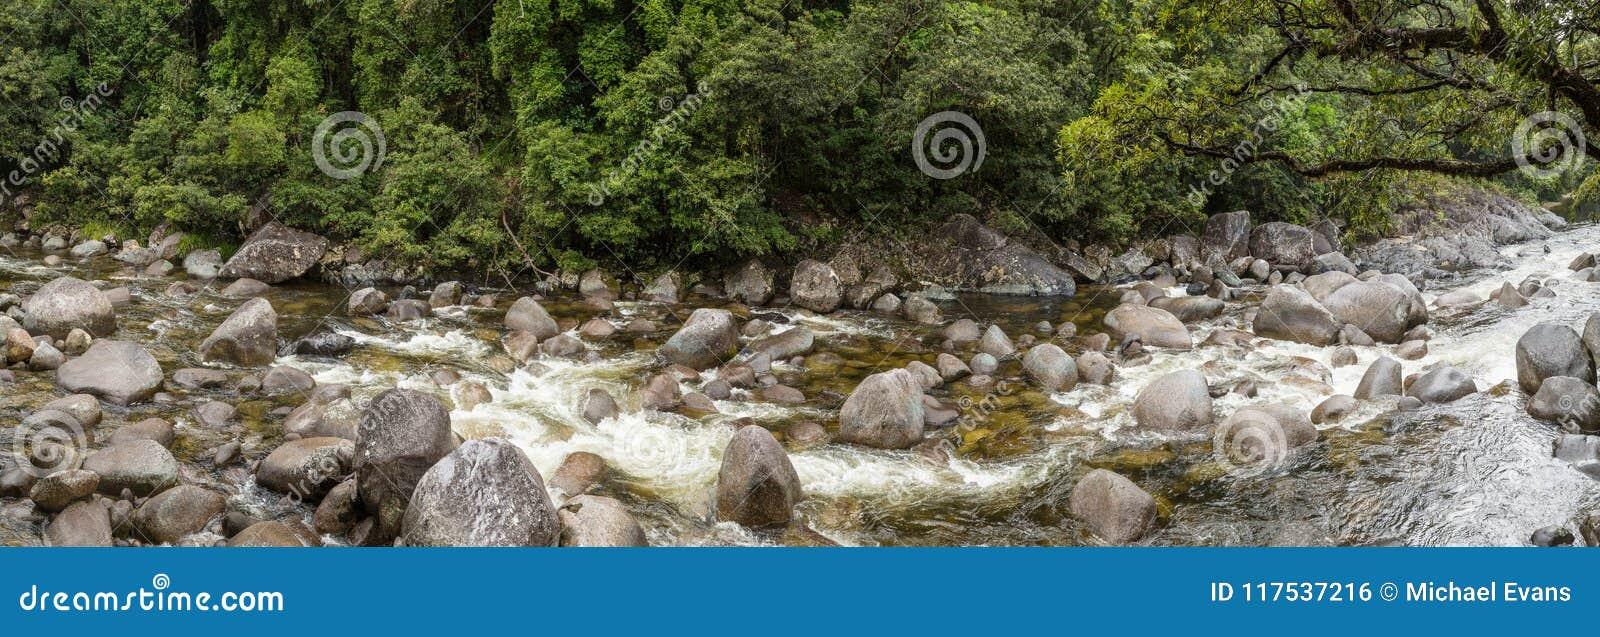 莫斯曼峡谷n Daintree雨林,昆士兰澳大利亚